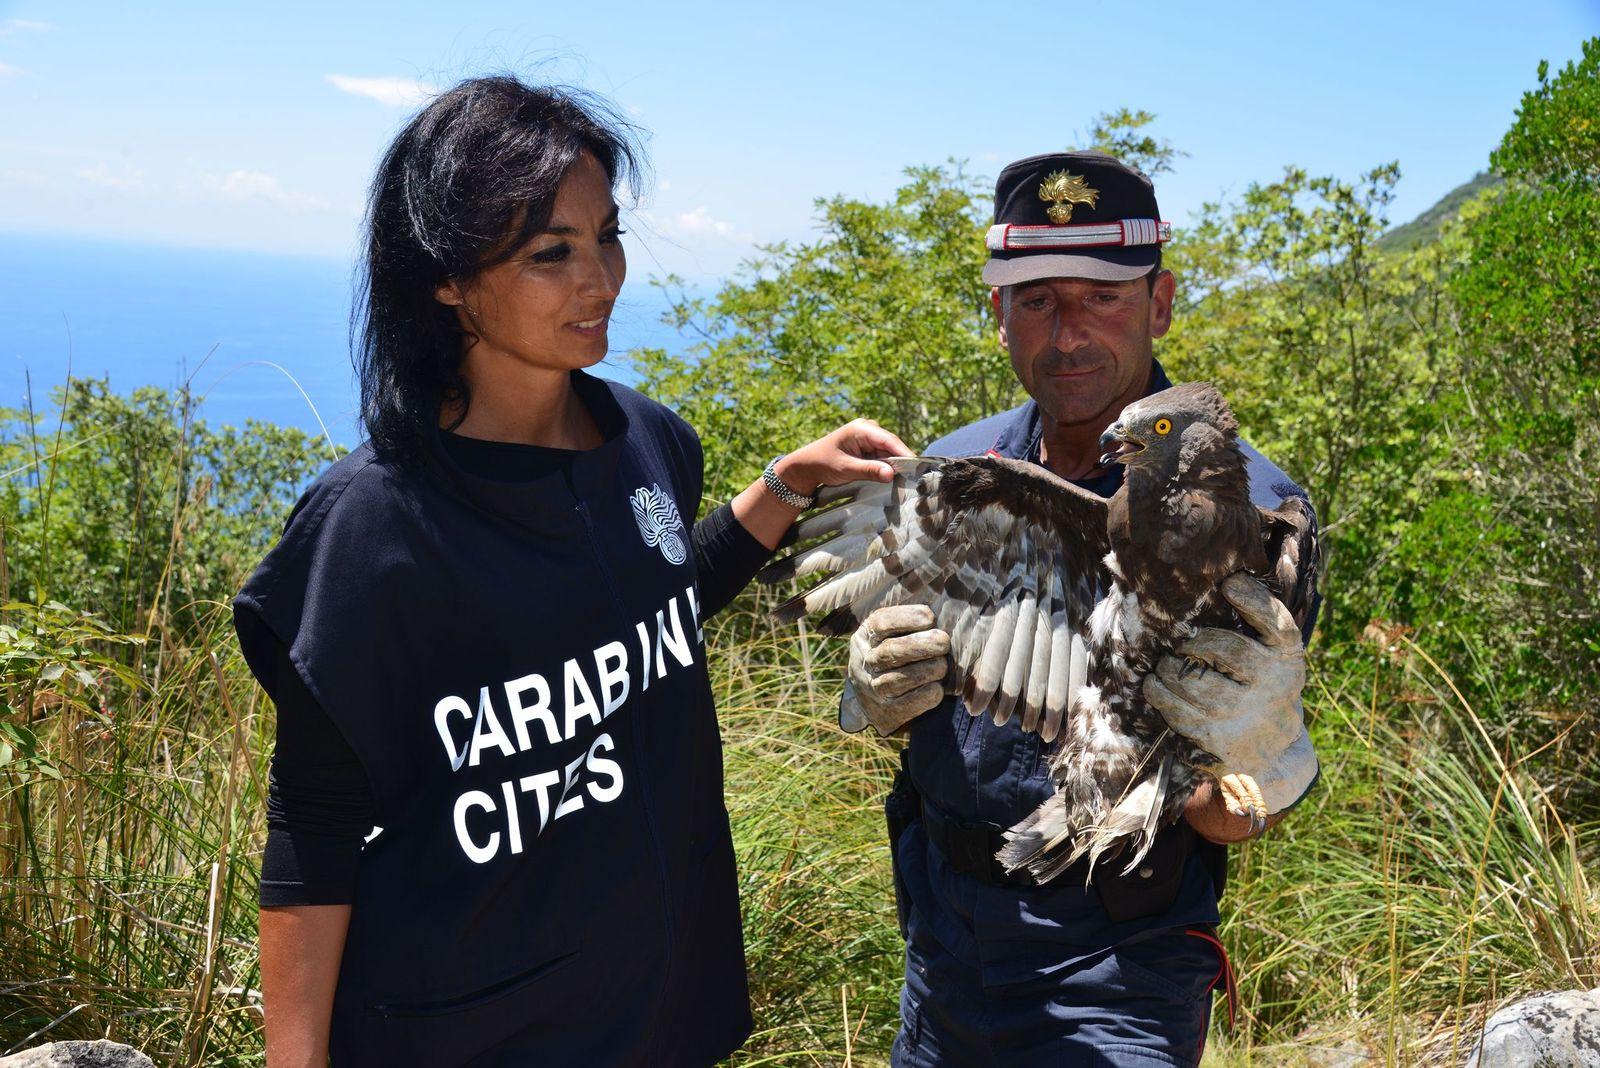 Carabinieri a tutela della flora e della fauna a rischio. Ecco il calendario Cites 2021